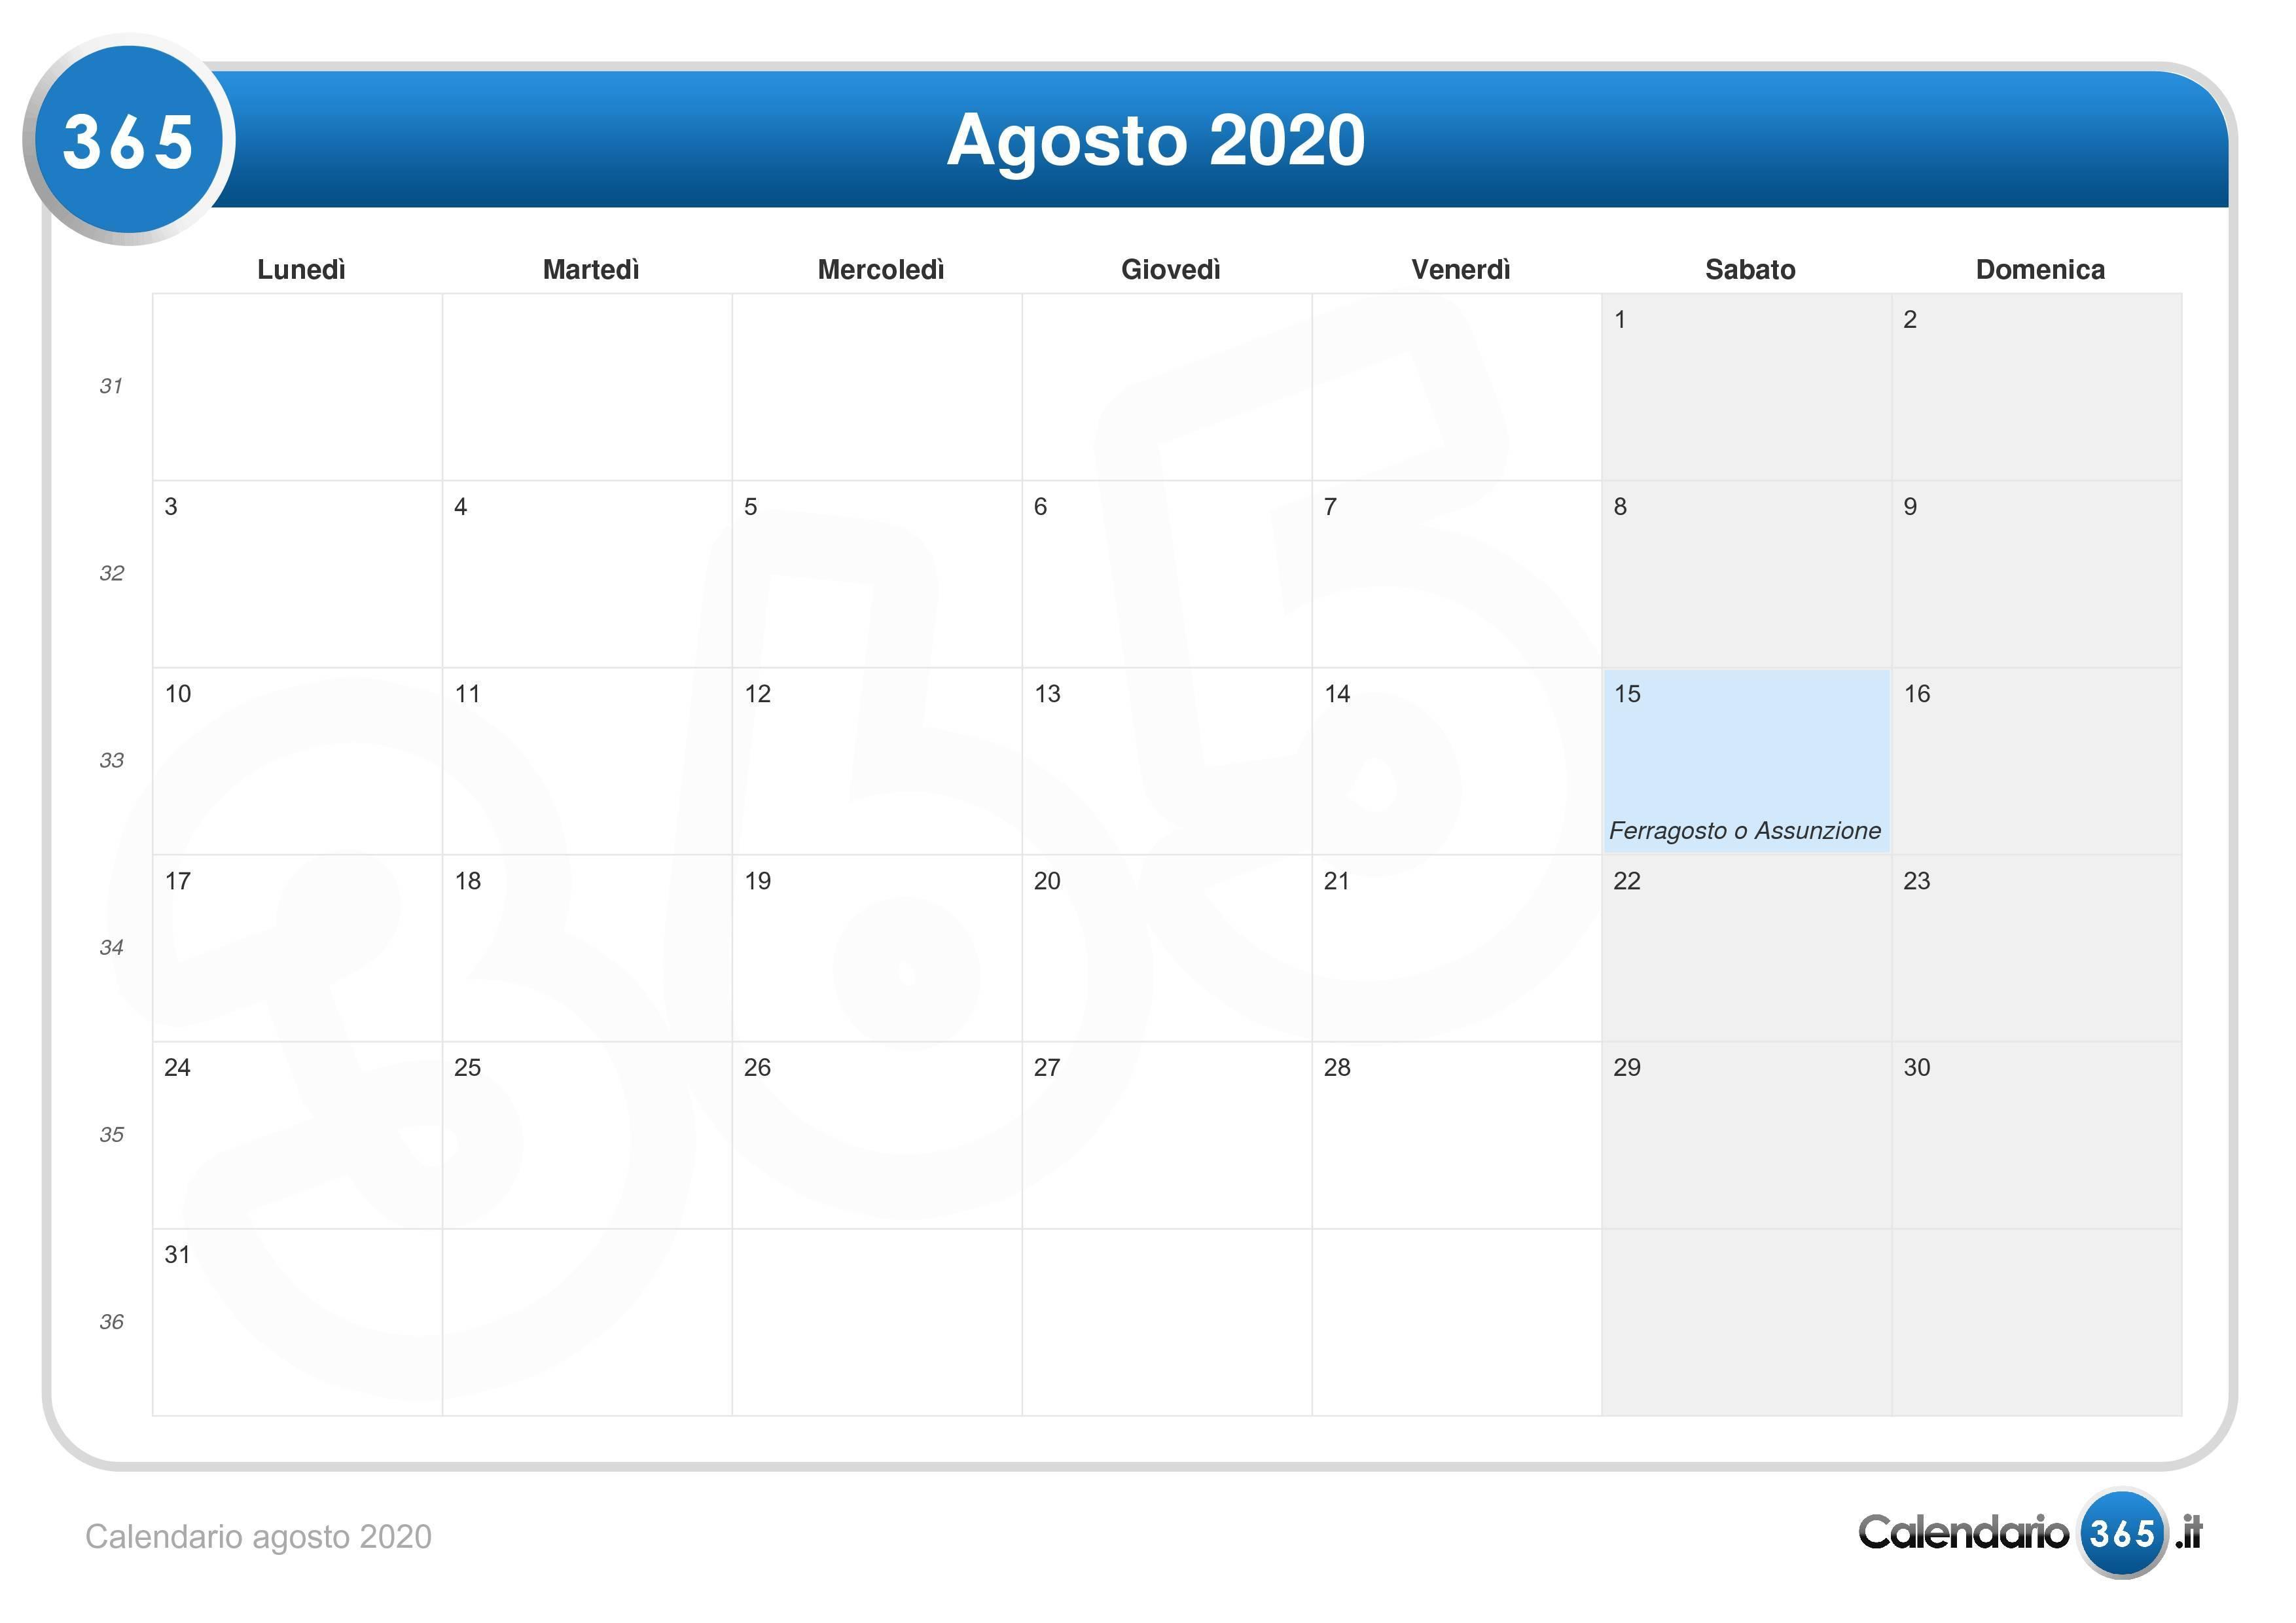 Calendario Luglio Agosto 2020.Calendario Agosto 2020